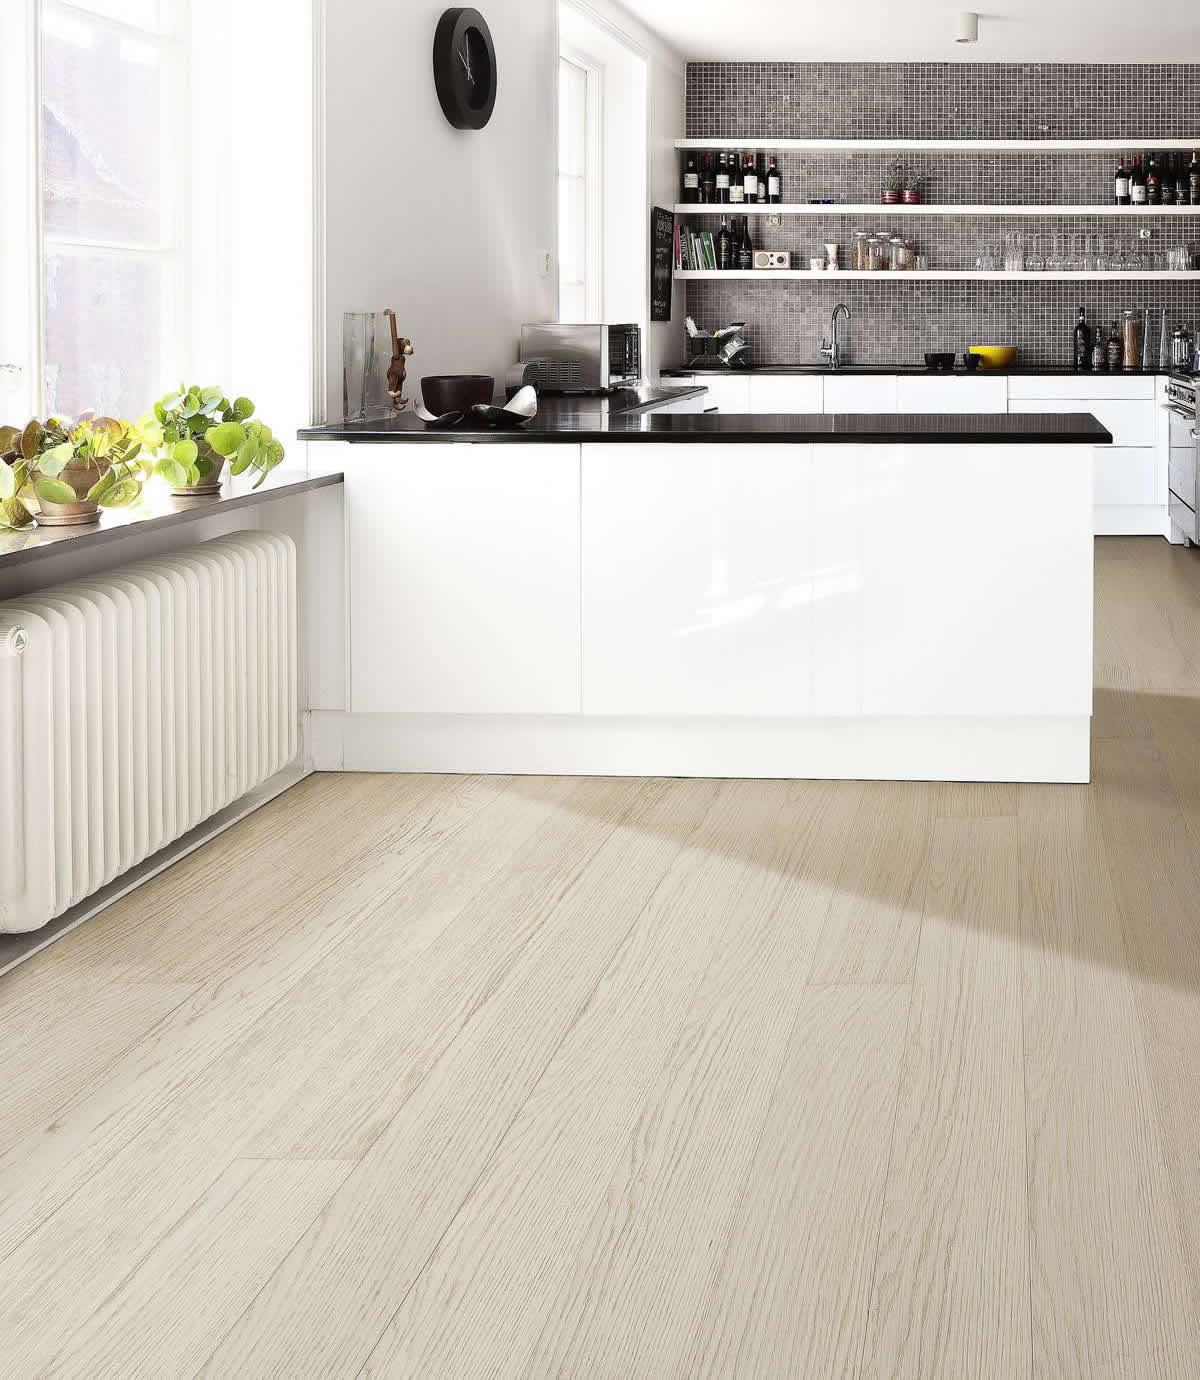 White Kitchen Oak Floor: Kahrs Linnea Oak Dome Engineered Wood Flooring